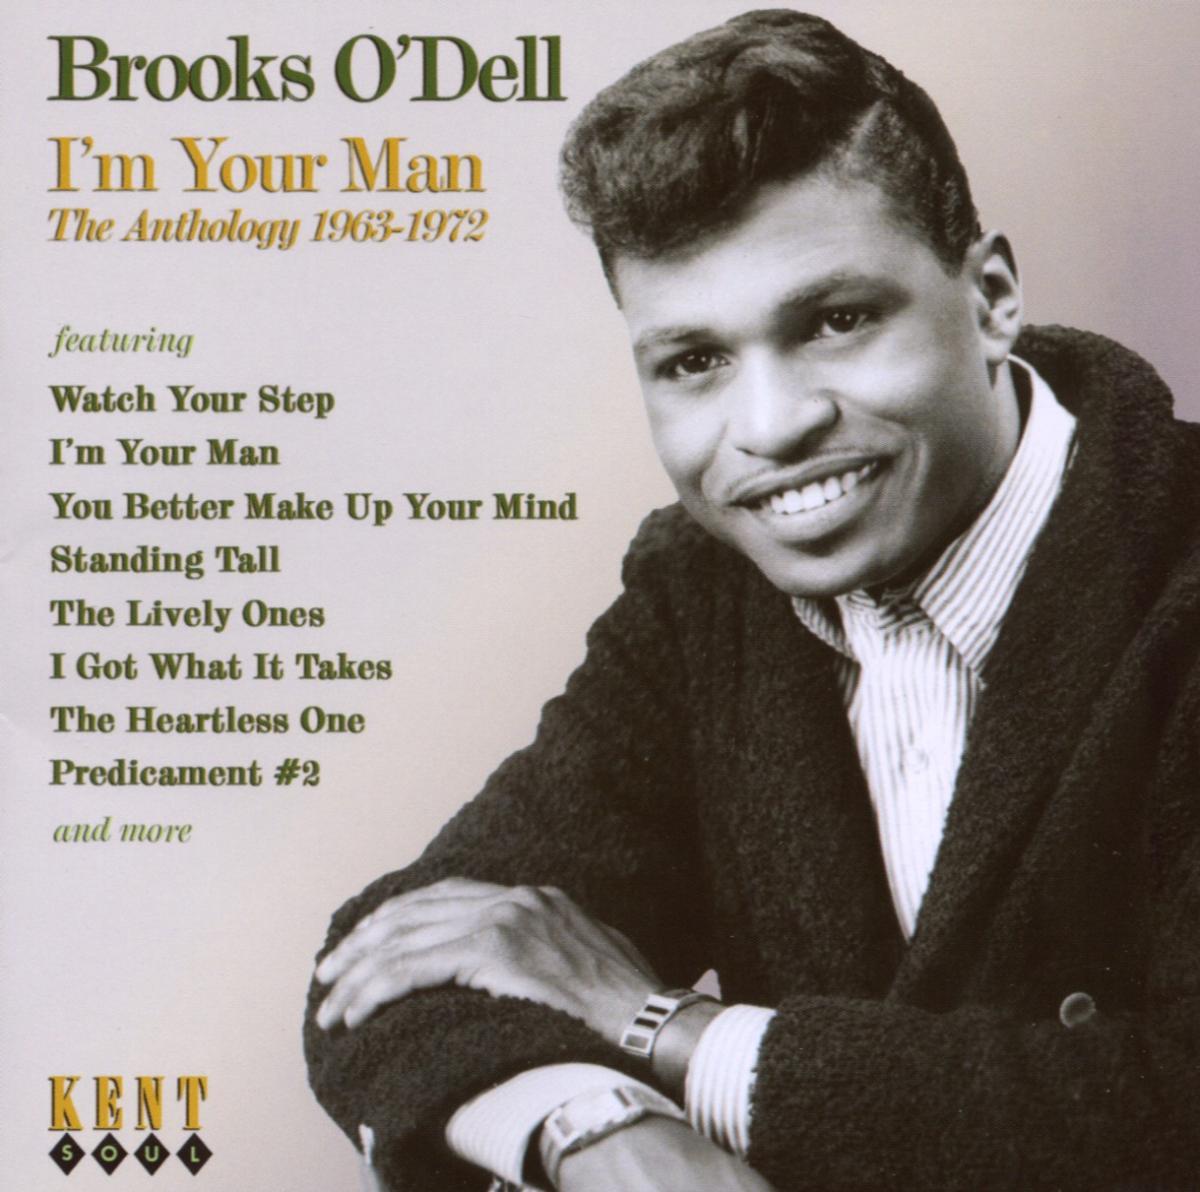 I'm Your Man - Brooks O'dell - Musik - KENT SOUL - 0029667229623 - April 3, 2008